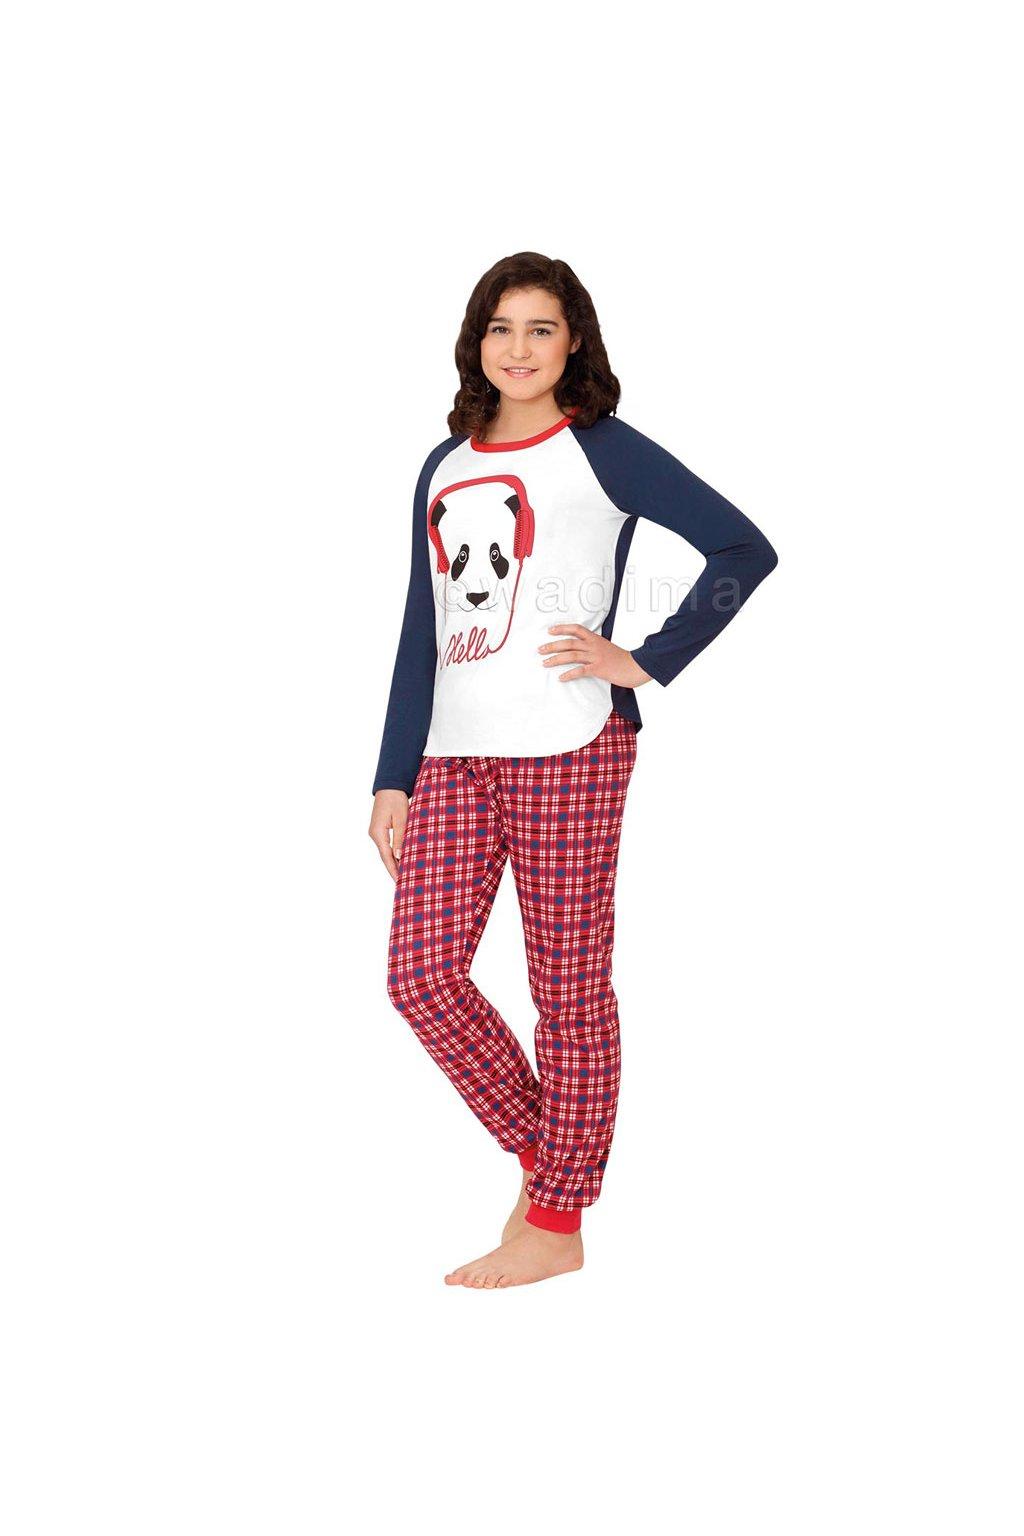 Dívčí pyžamo YOUNG FASHION s dlouhým rukávem, 70463 658, bílá/modrá